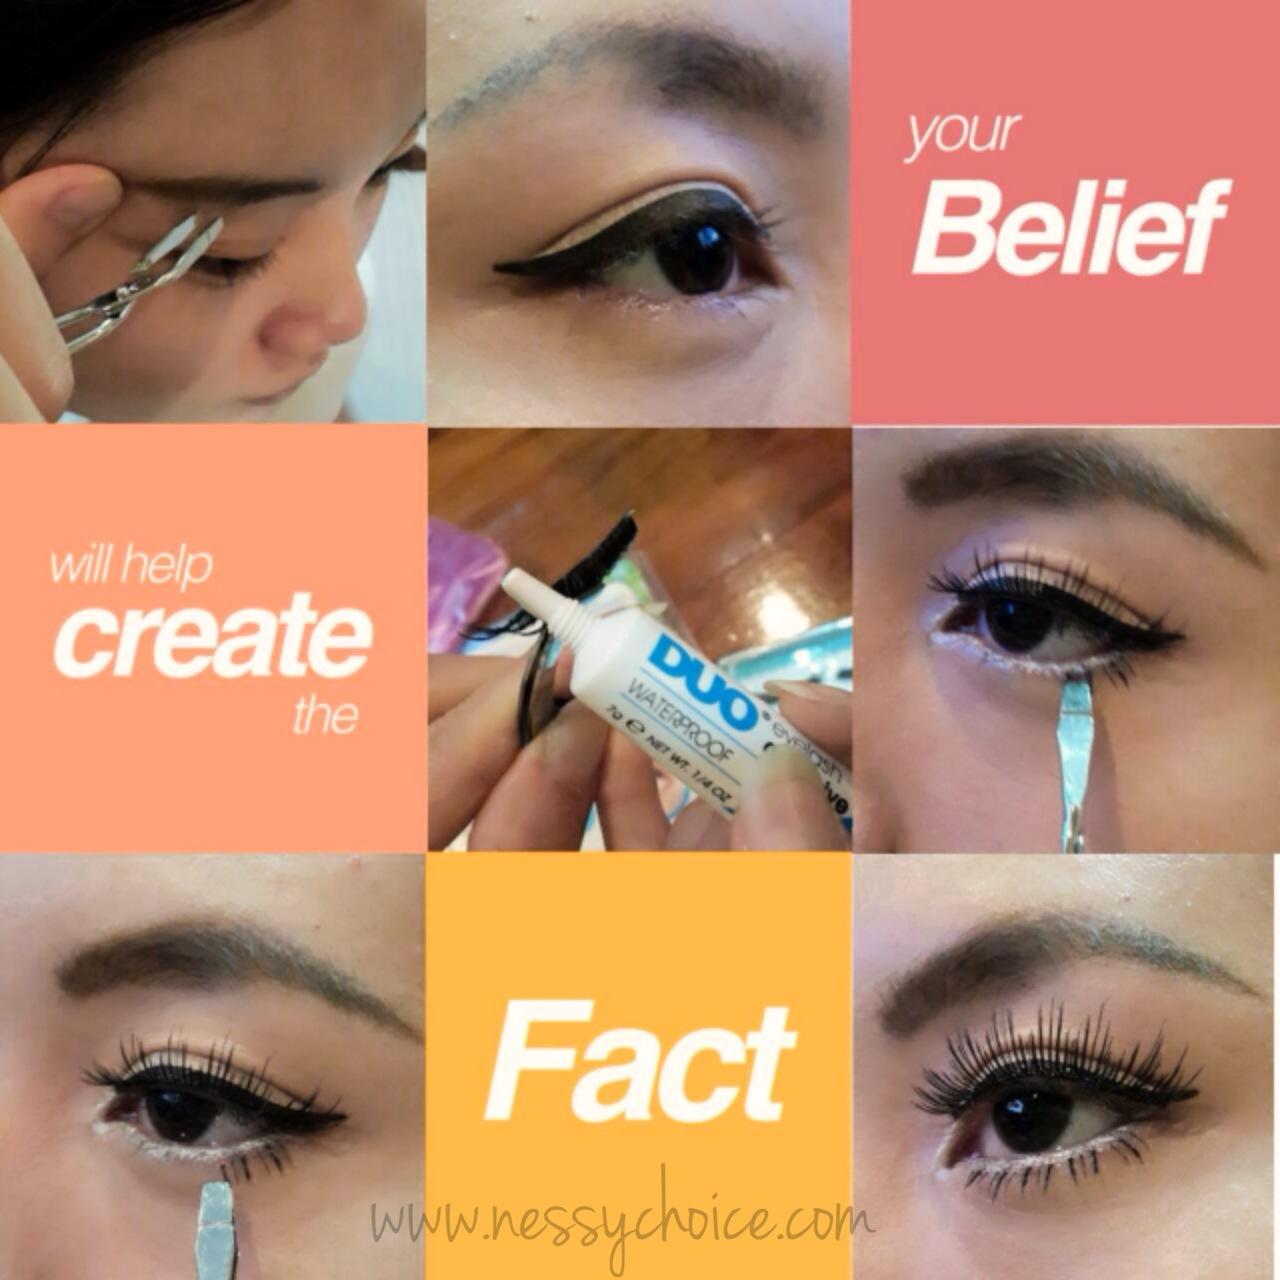 How to use Slant Tip choice False eyelashs tweezer